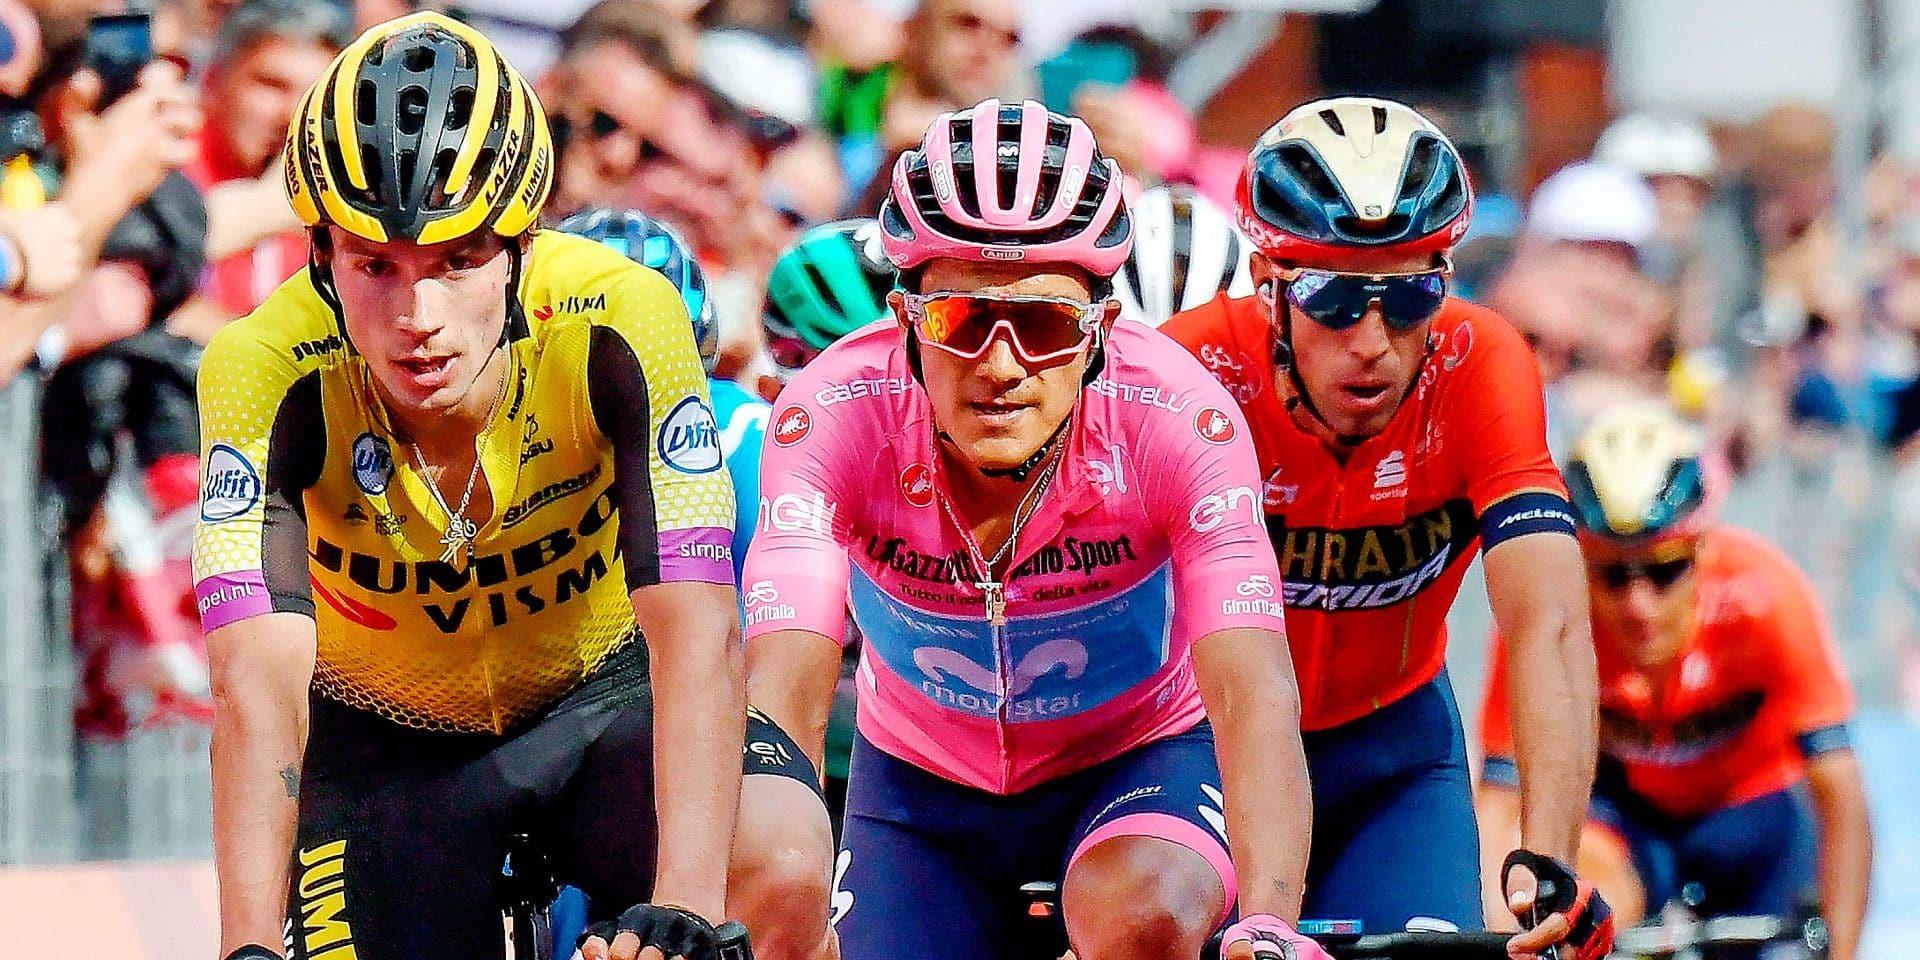 Tour d'Italie: dernière chance pour Nibali et Roglic